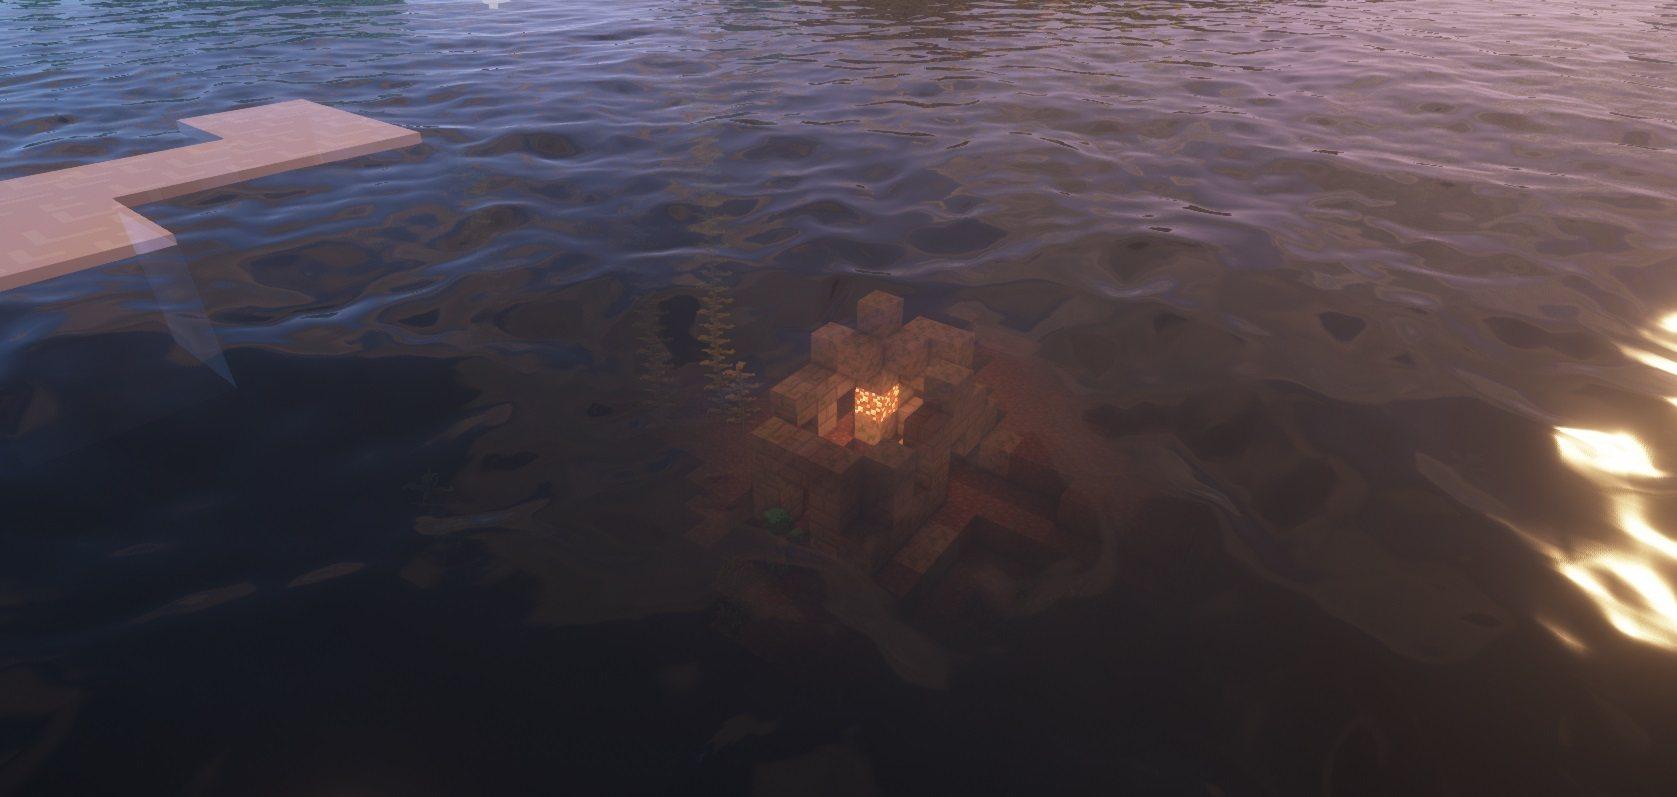 dandelion shadery BSL 1.15.2 minecraft utopiec